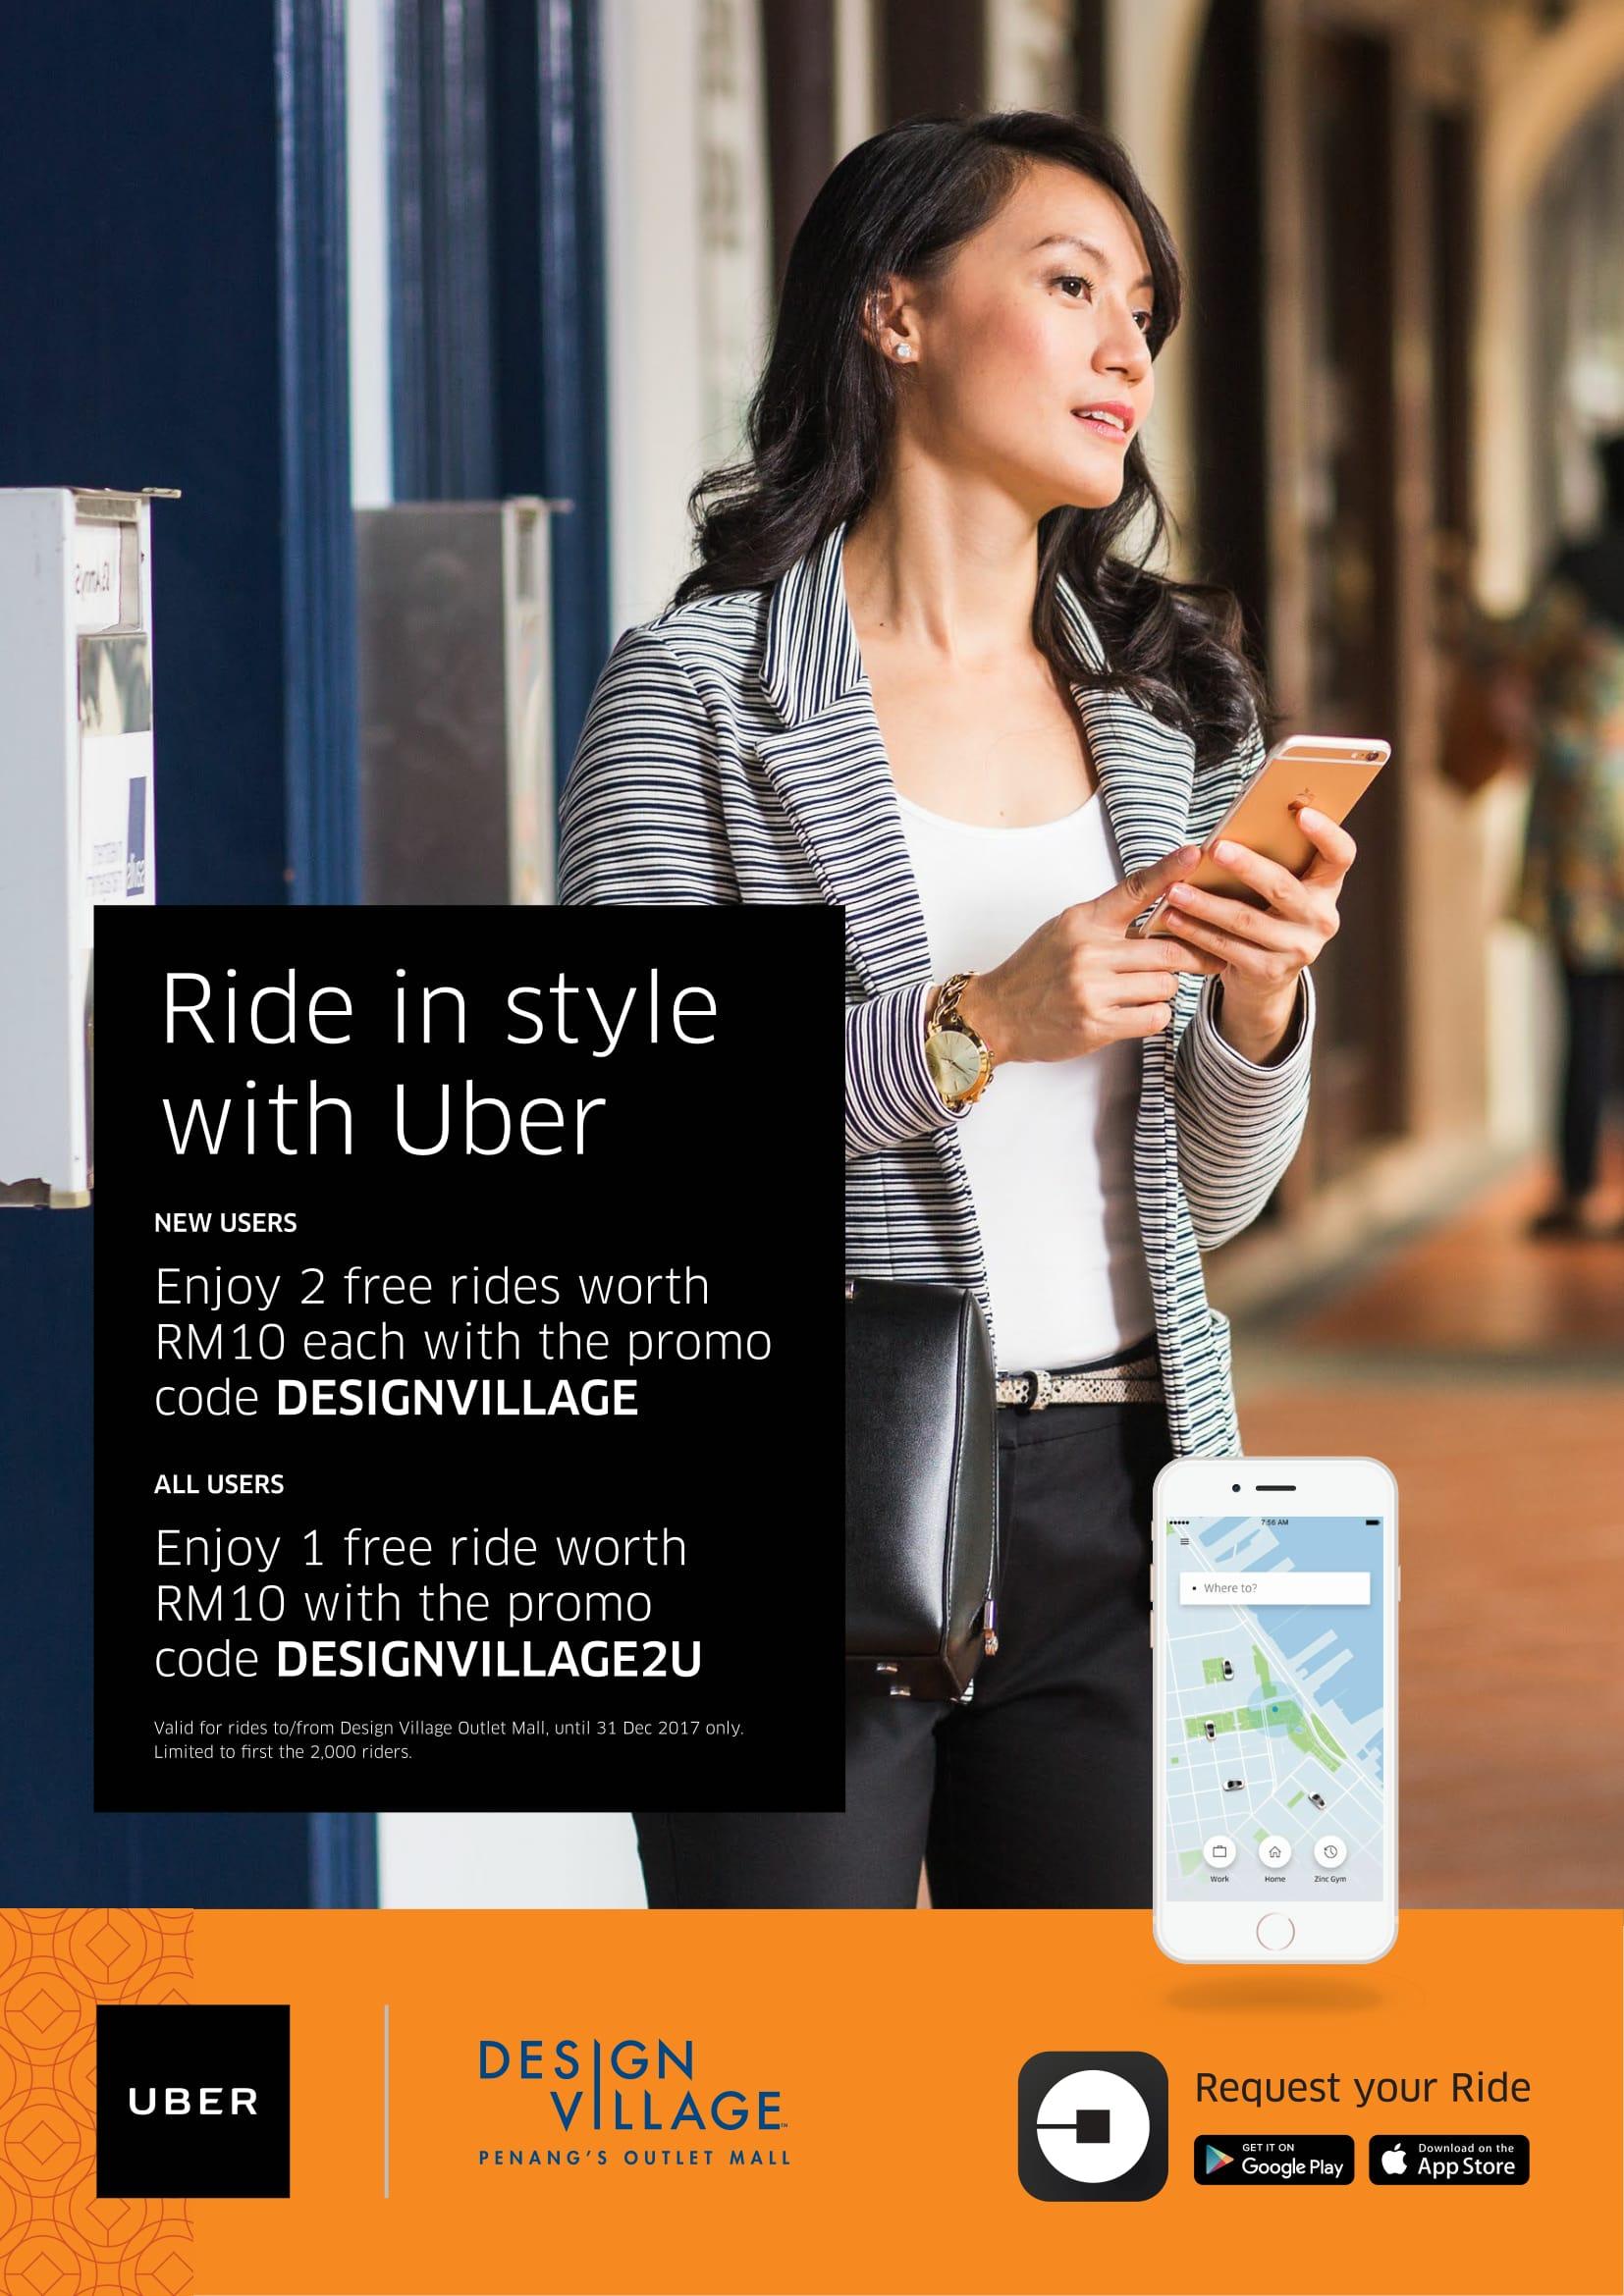 2017_07_30 - Uber Design Village_Poster-1